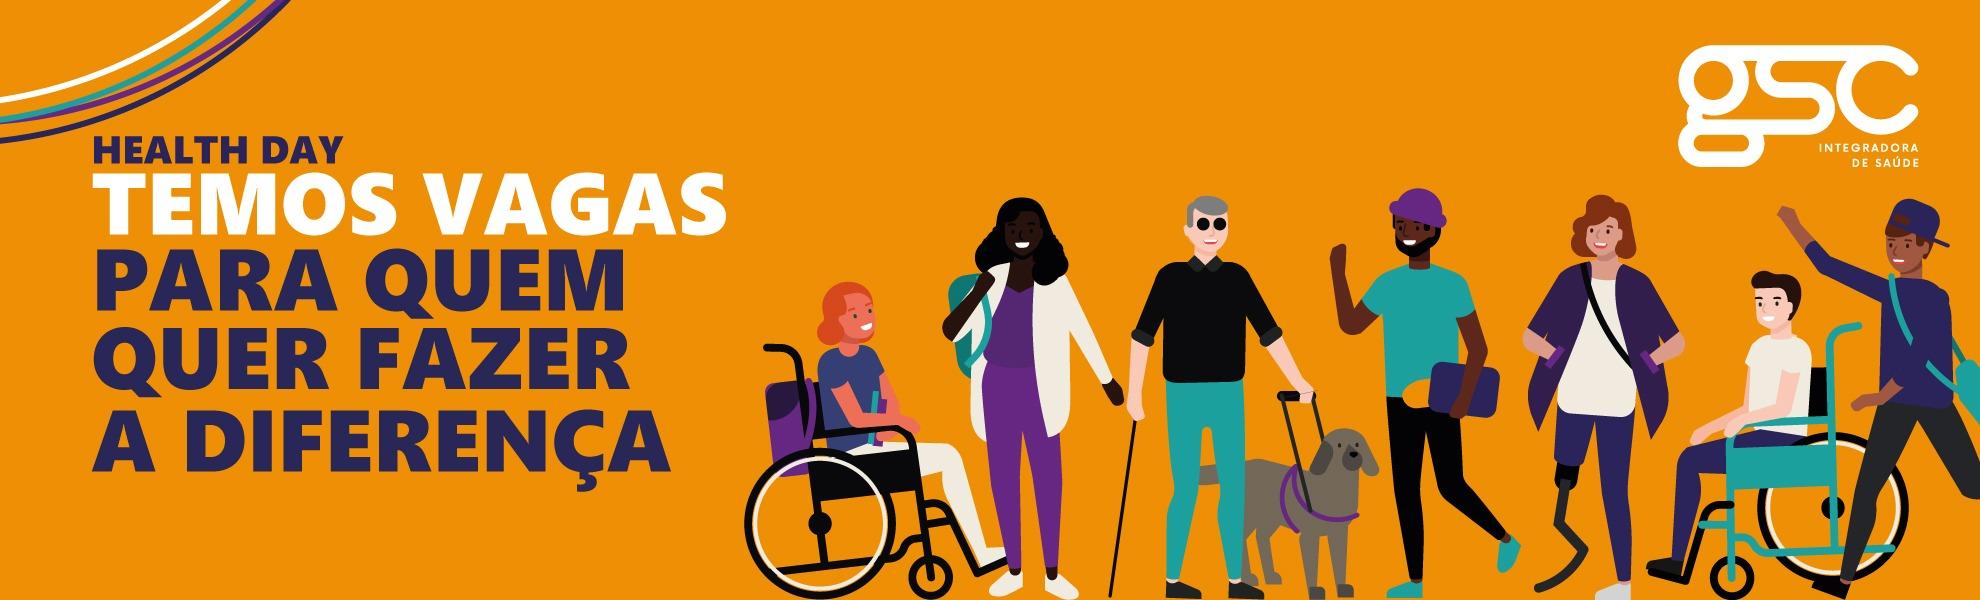 ENFERMEIRO DE GESTÃO DE SAÚDE - TELEMEDICINA / Oportunidades exclusivas para pessoas com deficiência